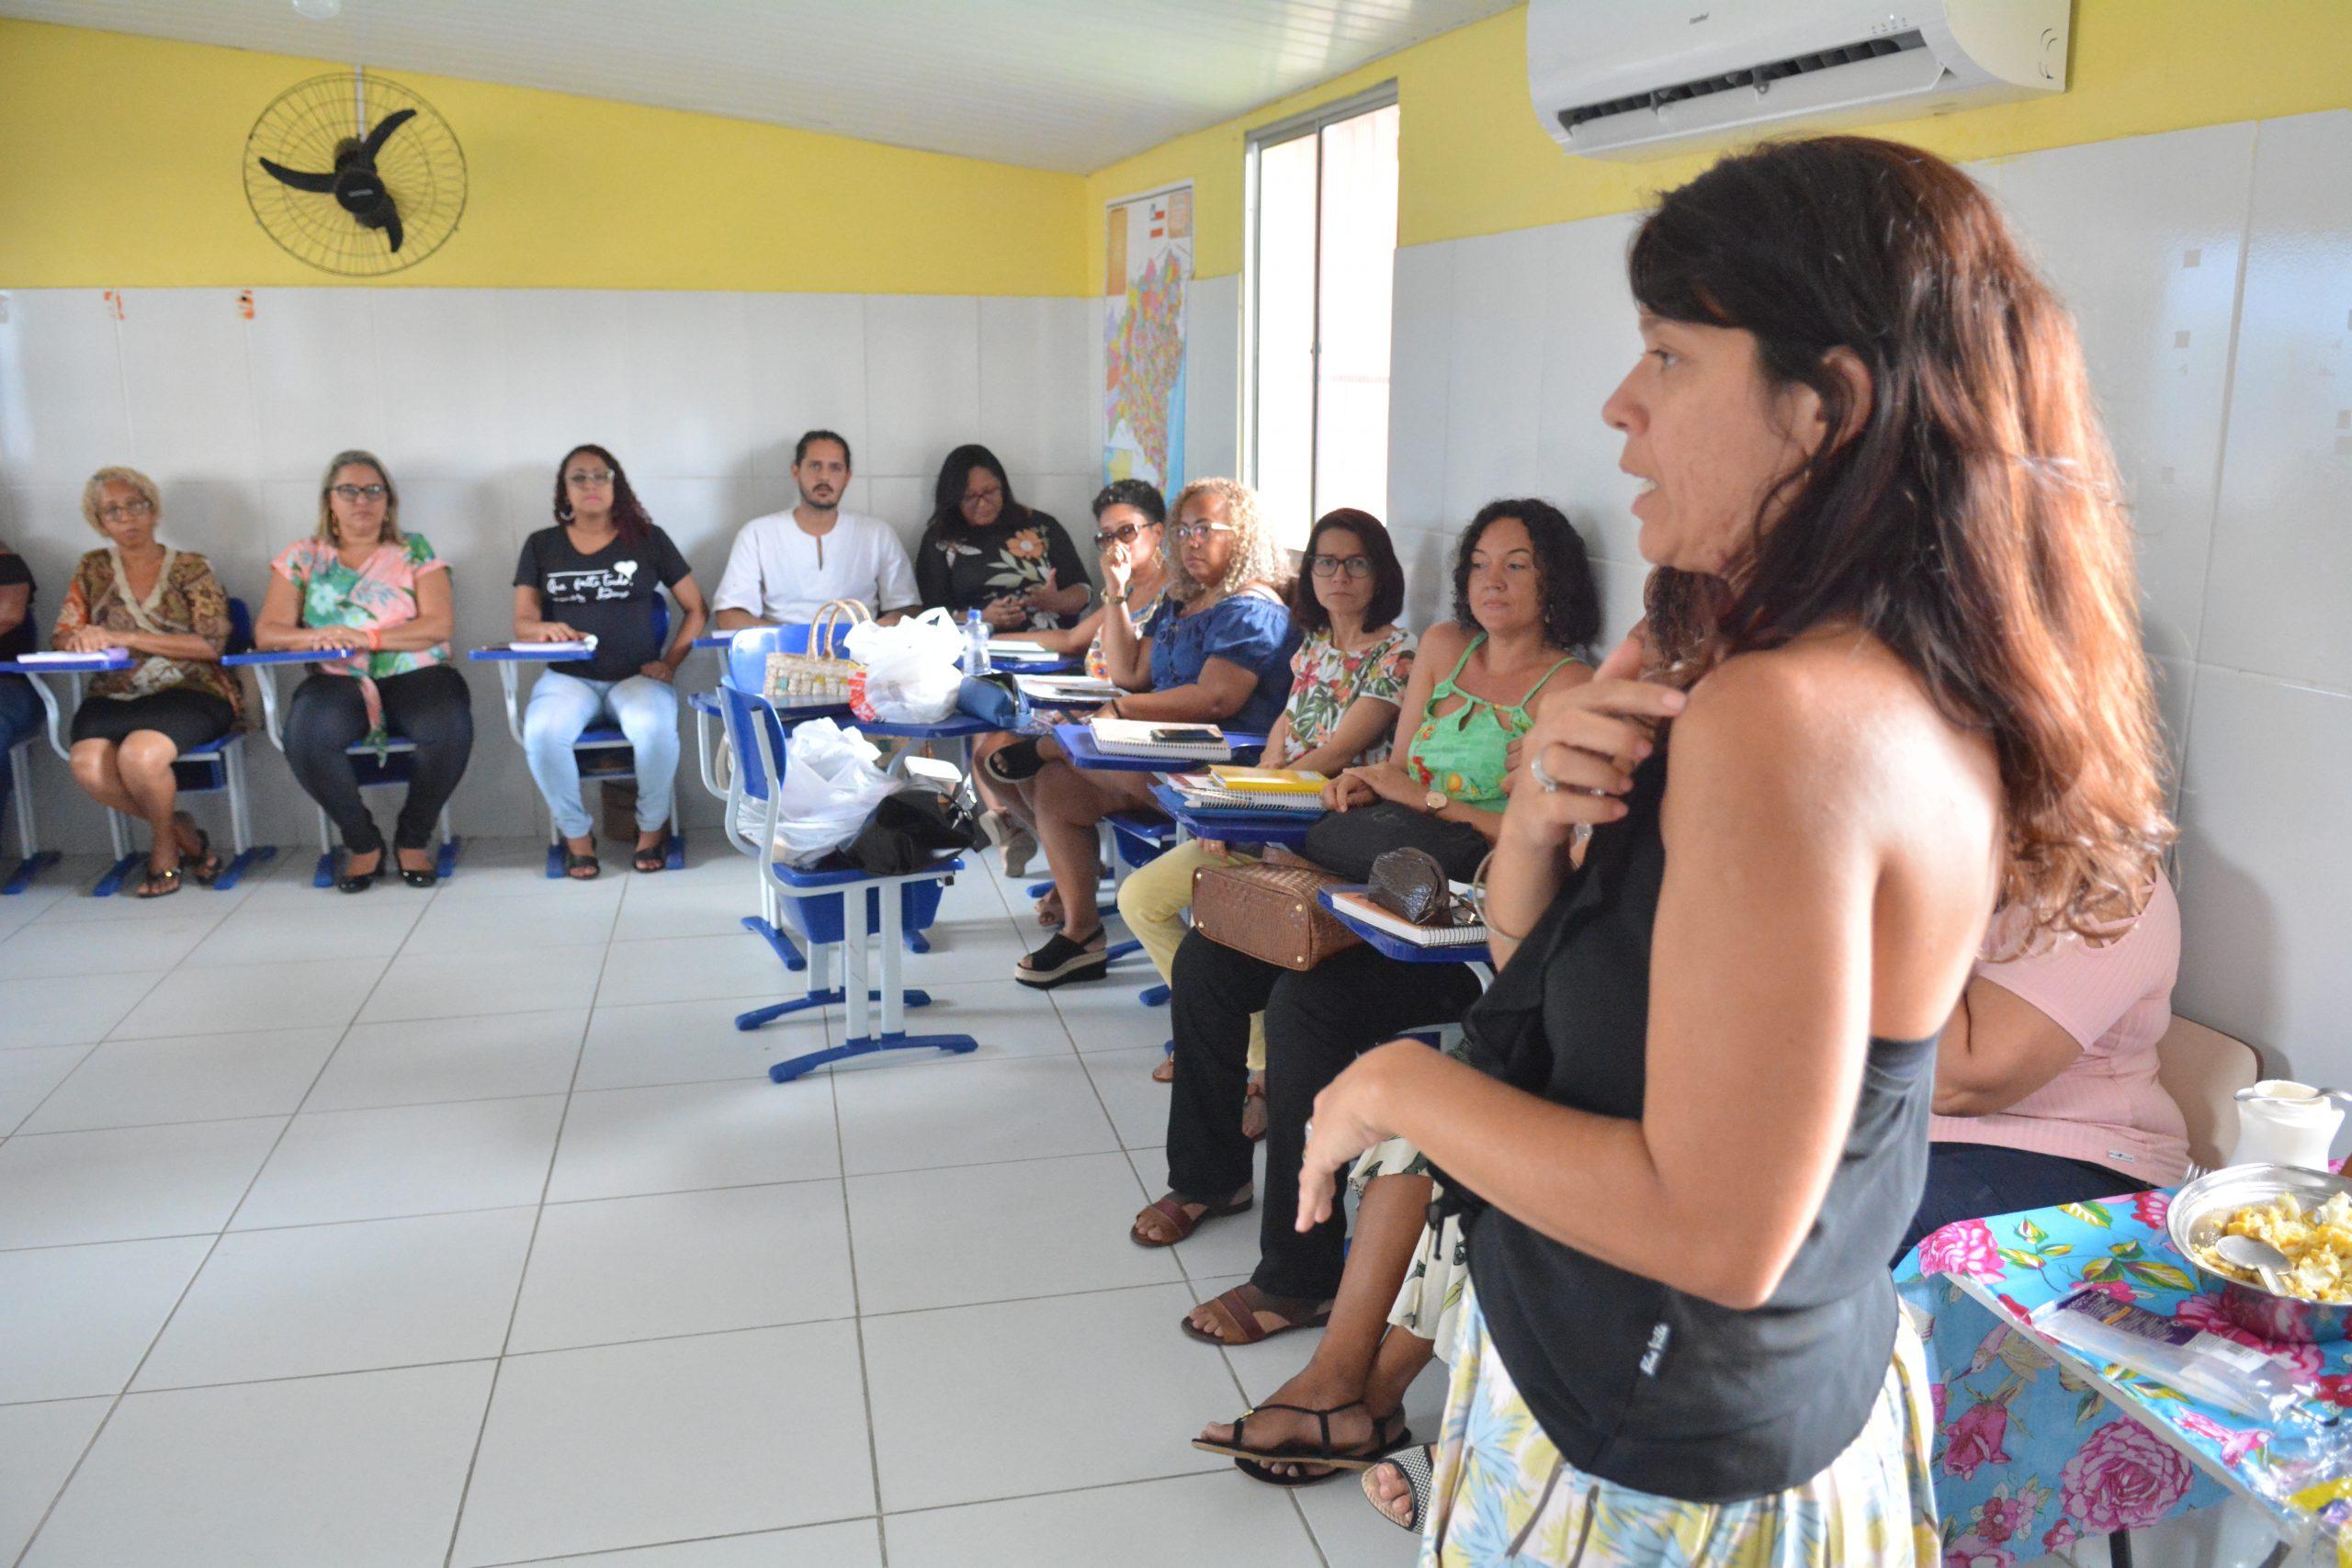 ALC_9420_03.02_Jornada Pedagógica EM 2 de Julho_Foto André Carvalho_SMED_PMS (21)